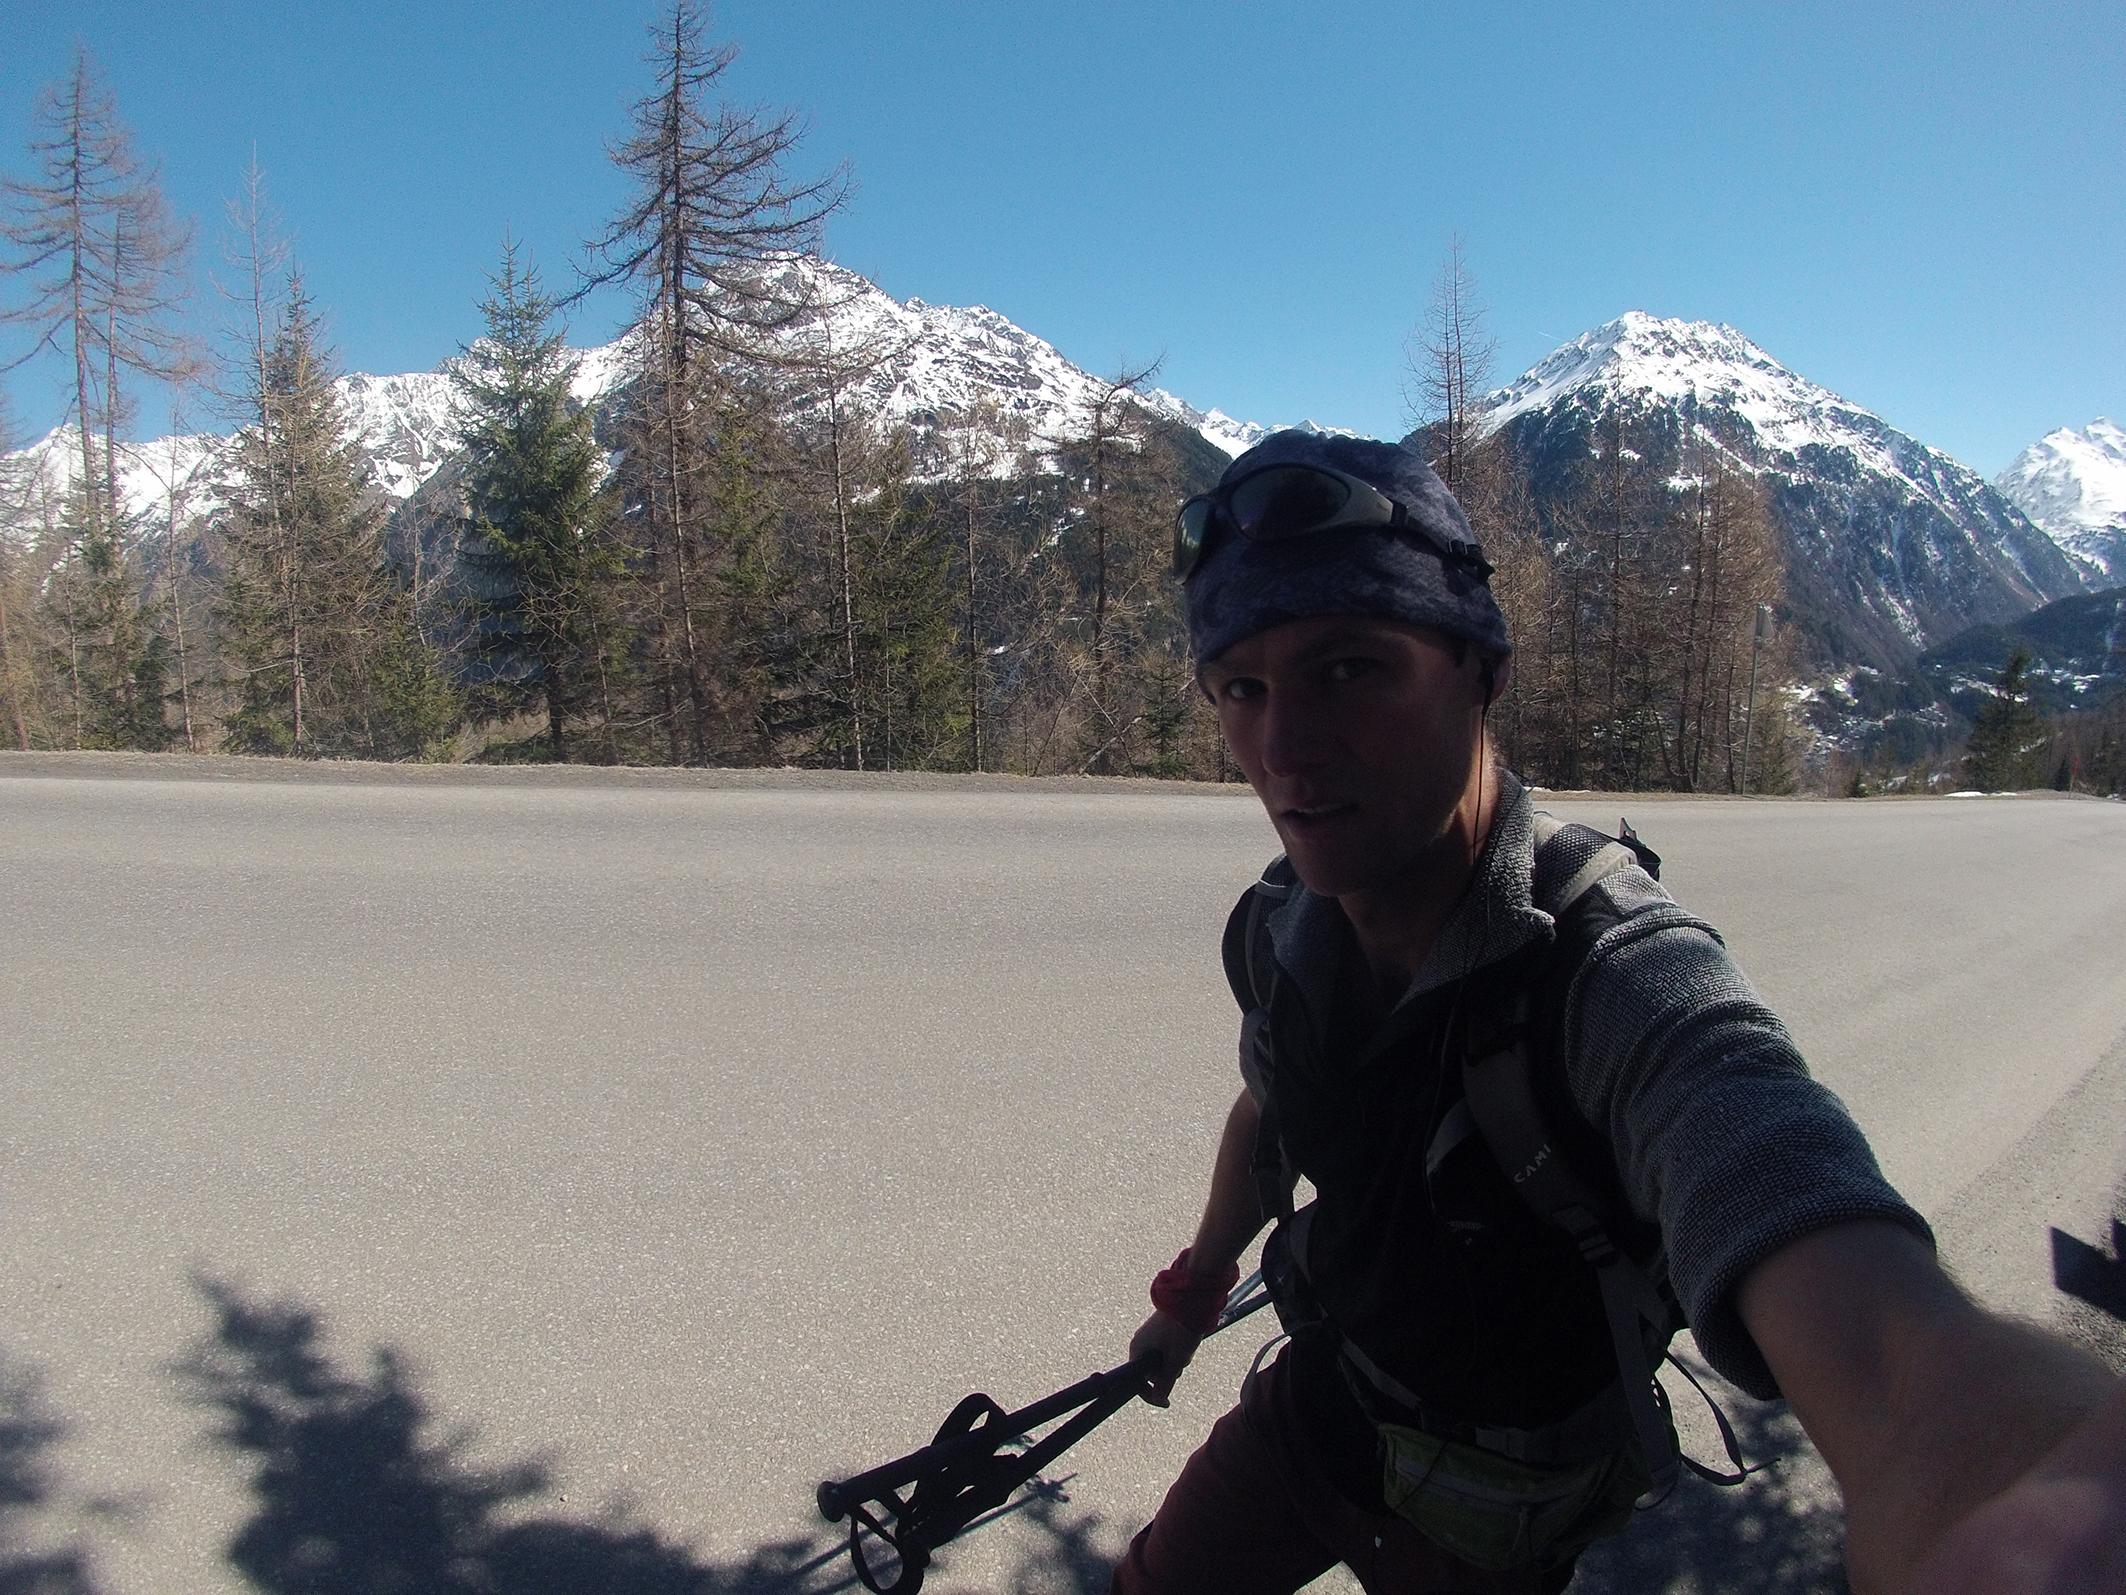 Bežím po asfaltke v Alpách na Hühnersteign (2.012 m)